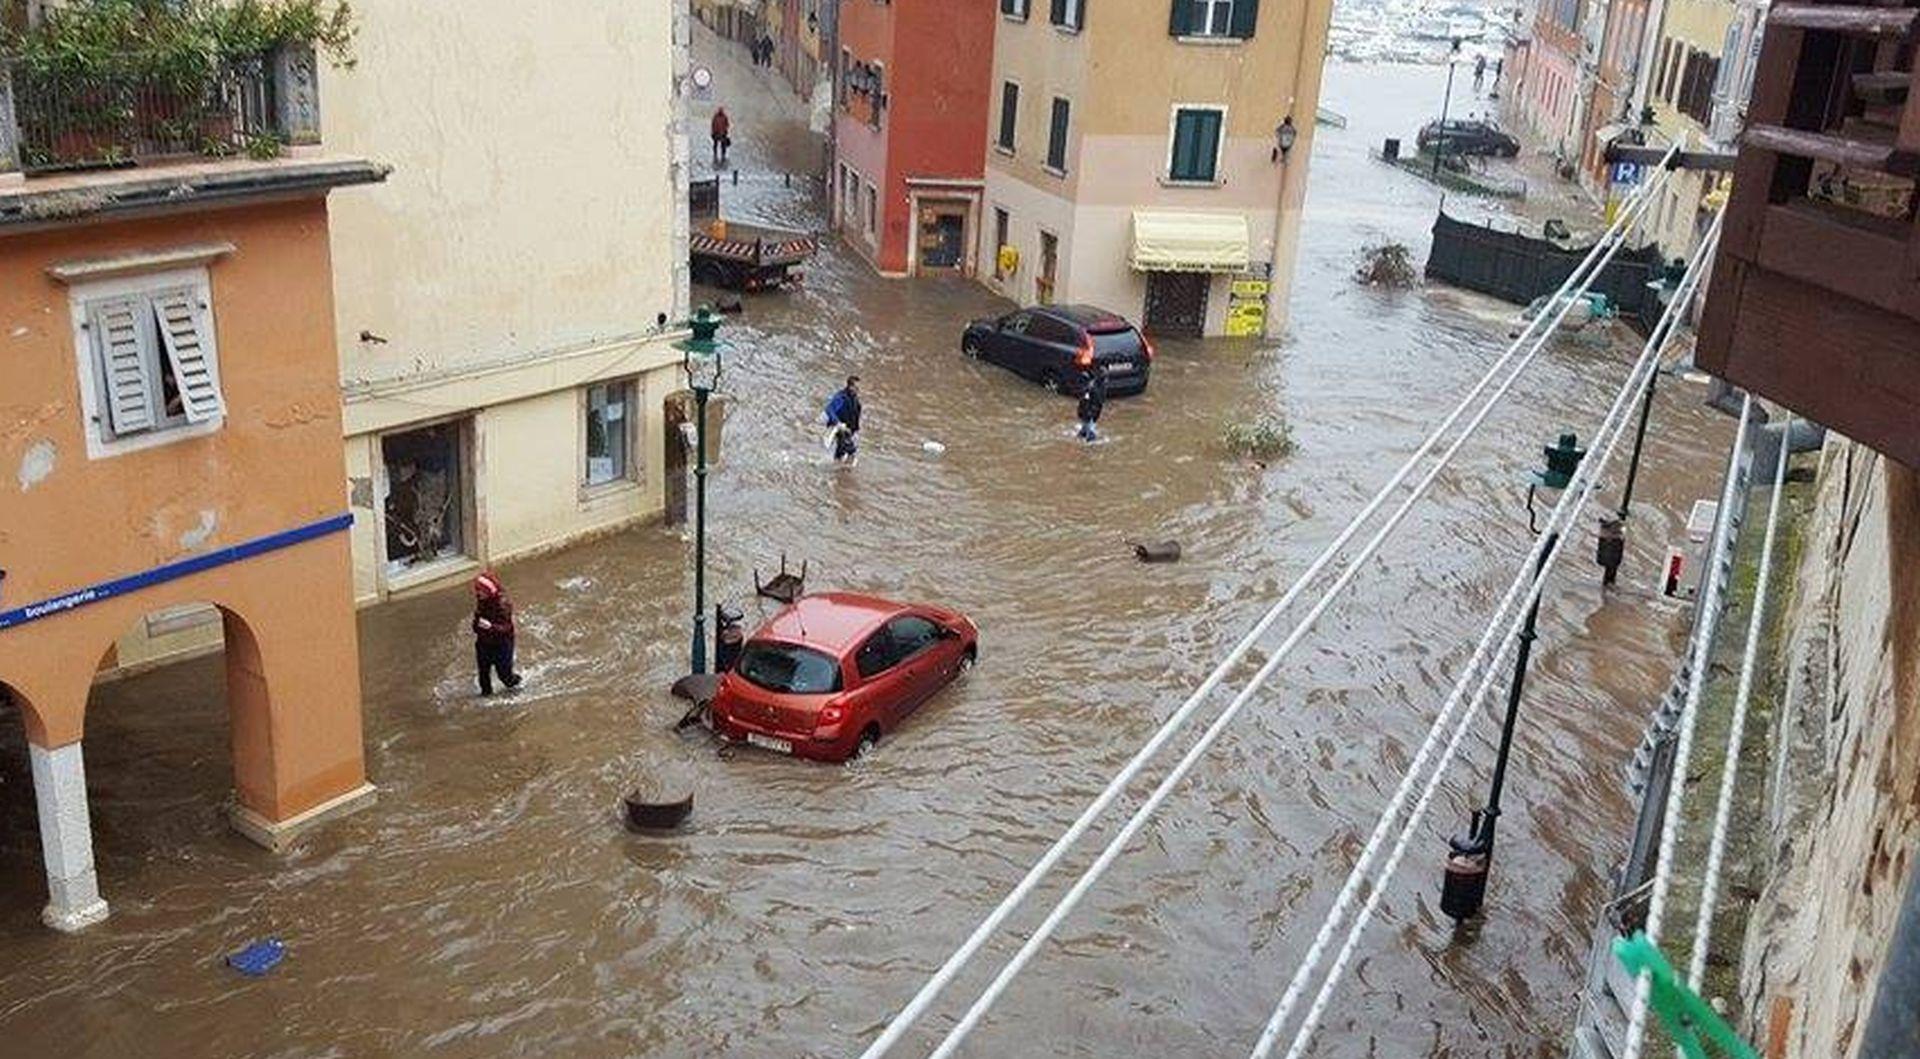 NEVRIJEME U ISTRI: Olujni vjetar i poplave izazvali velike štete